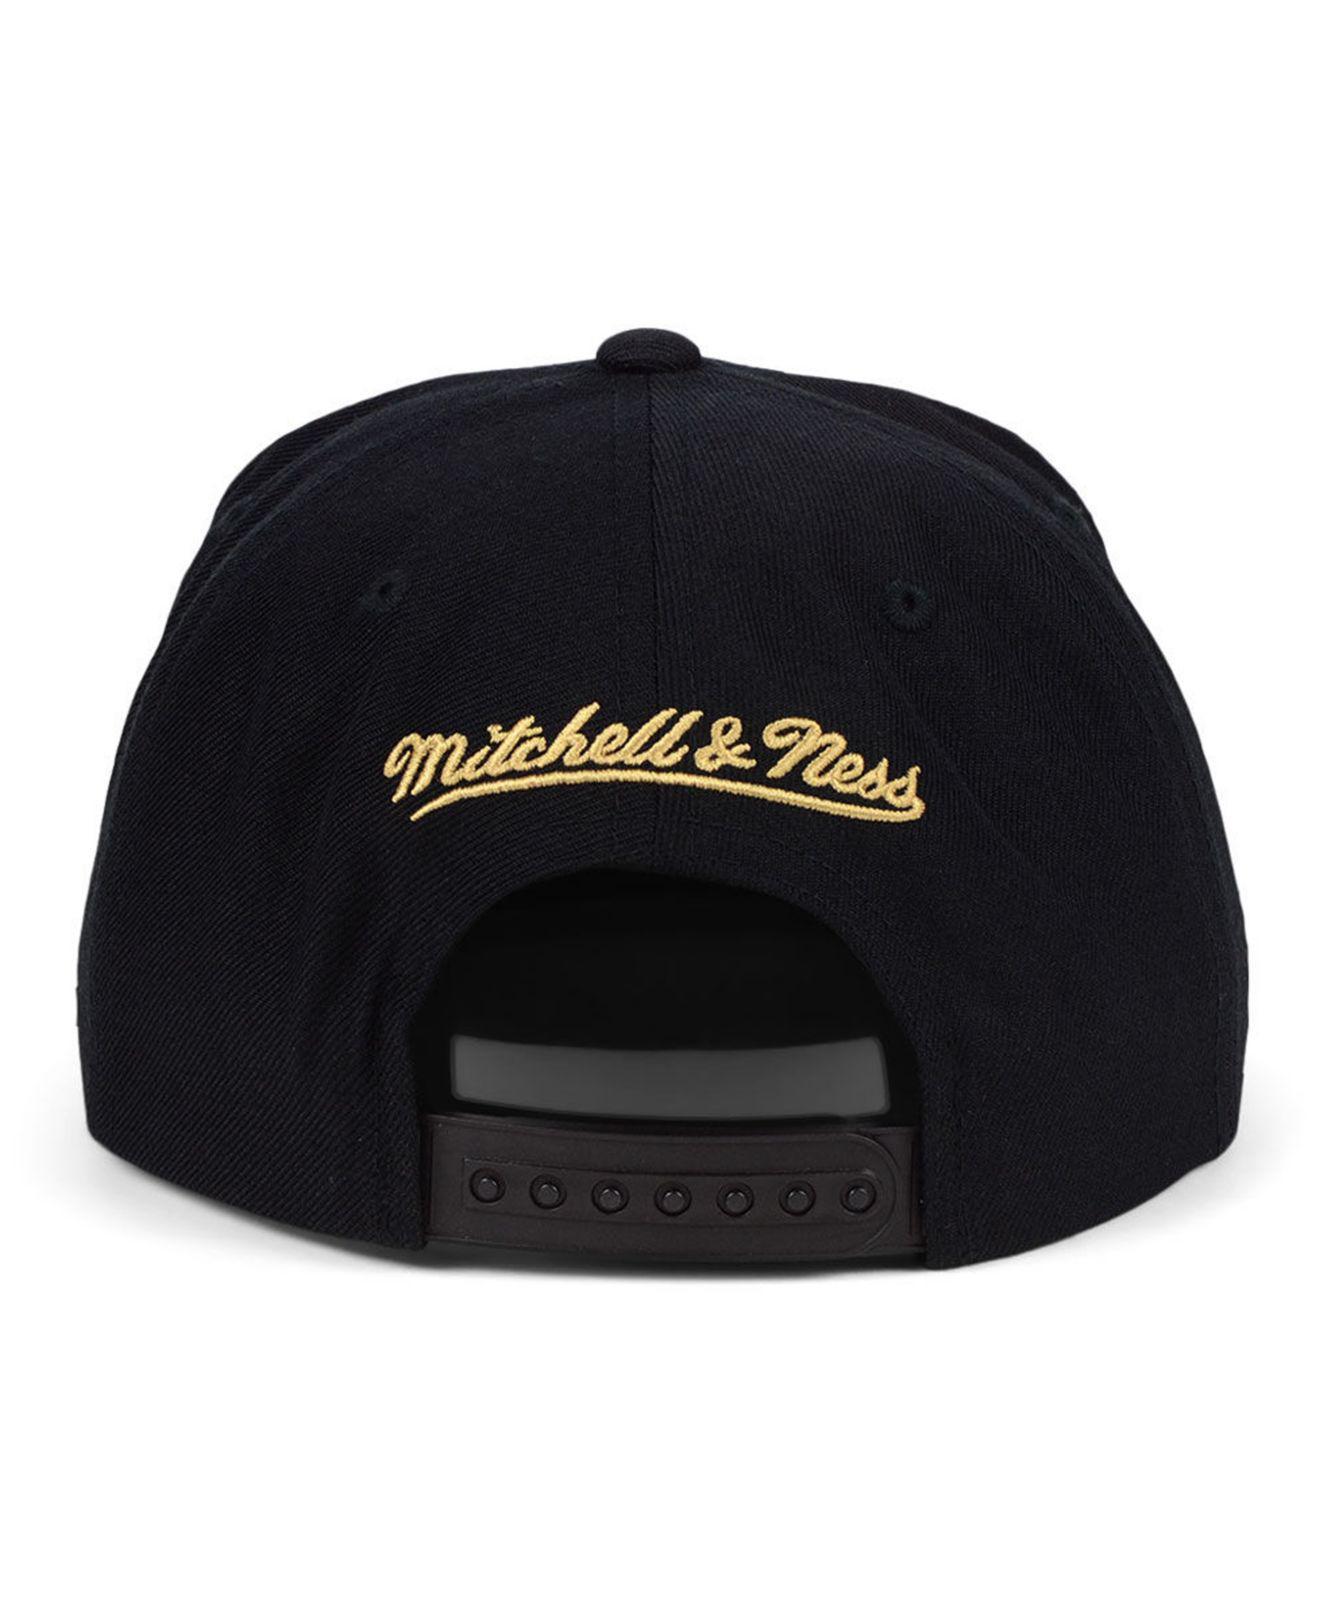 huge discount 528cd 45791 ... 50% off mitchell ness black atlanta hawks natural camo snapback cap for  men lyst.